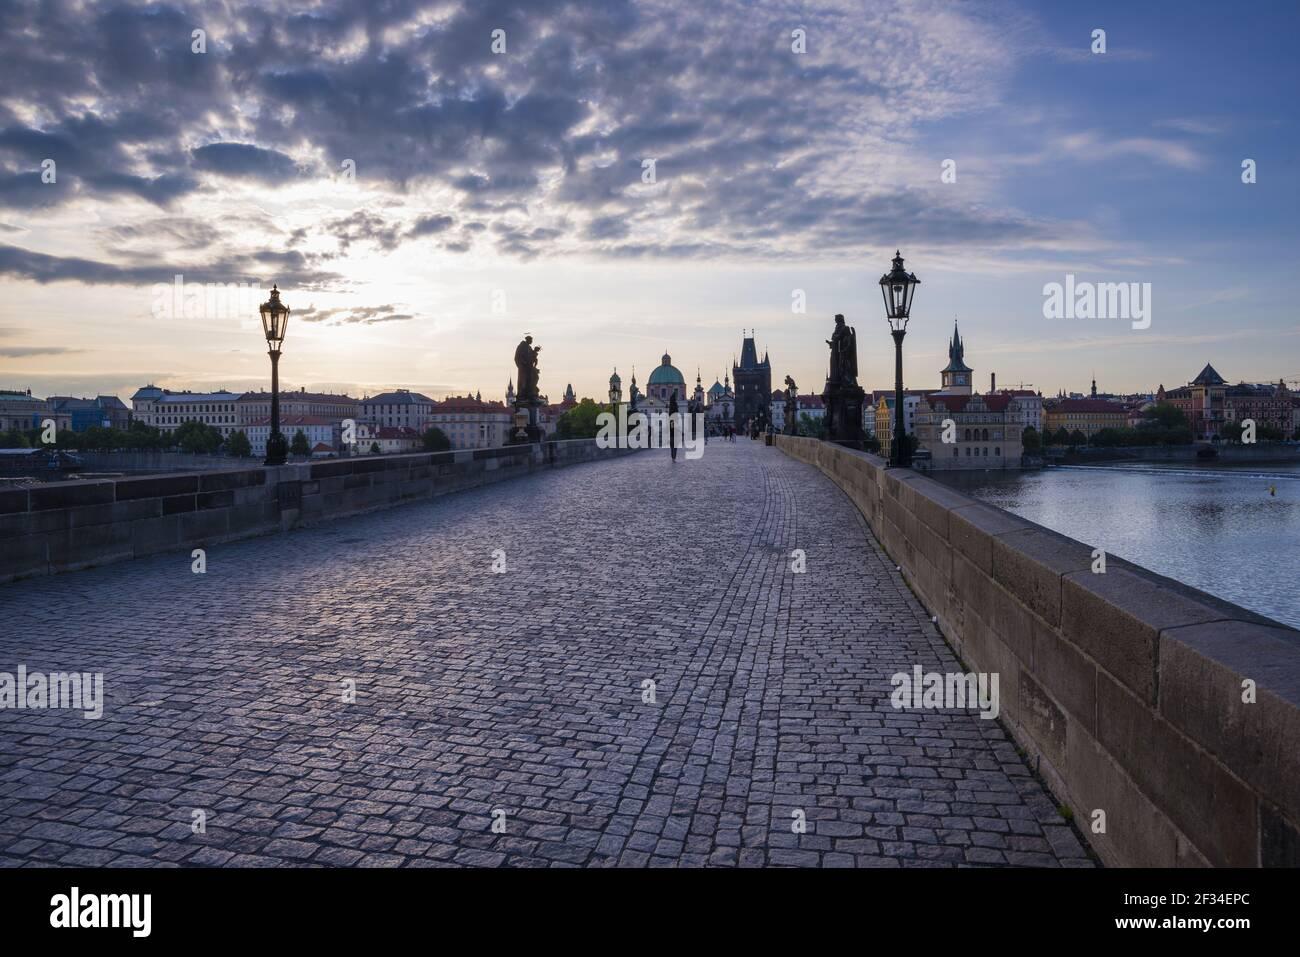 Geographie / Reisen, Tschechien, Karlsbrücke mit Altstädter Brückenturm, UNESCO Weltkulturerbe, Prag, Tschechien, Panorama-Freiheit Stockfoto